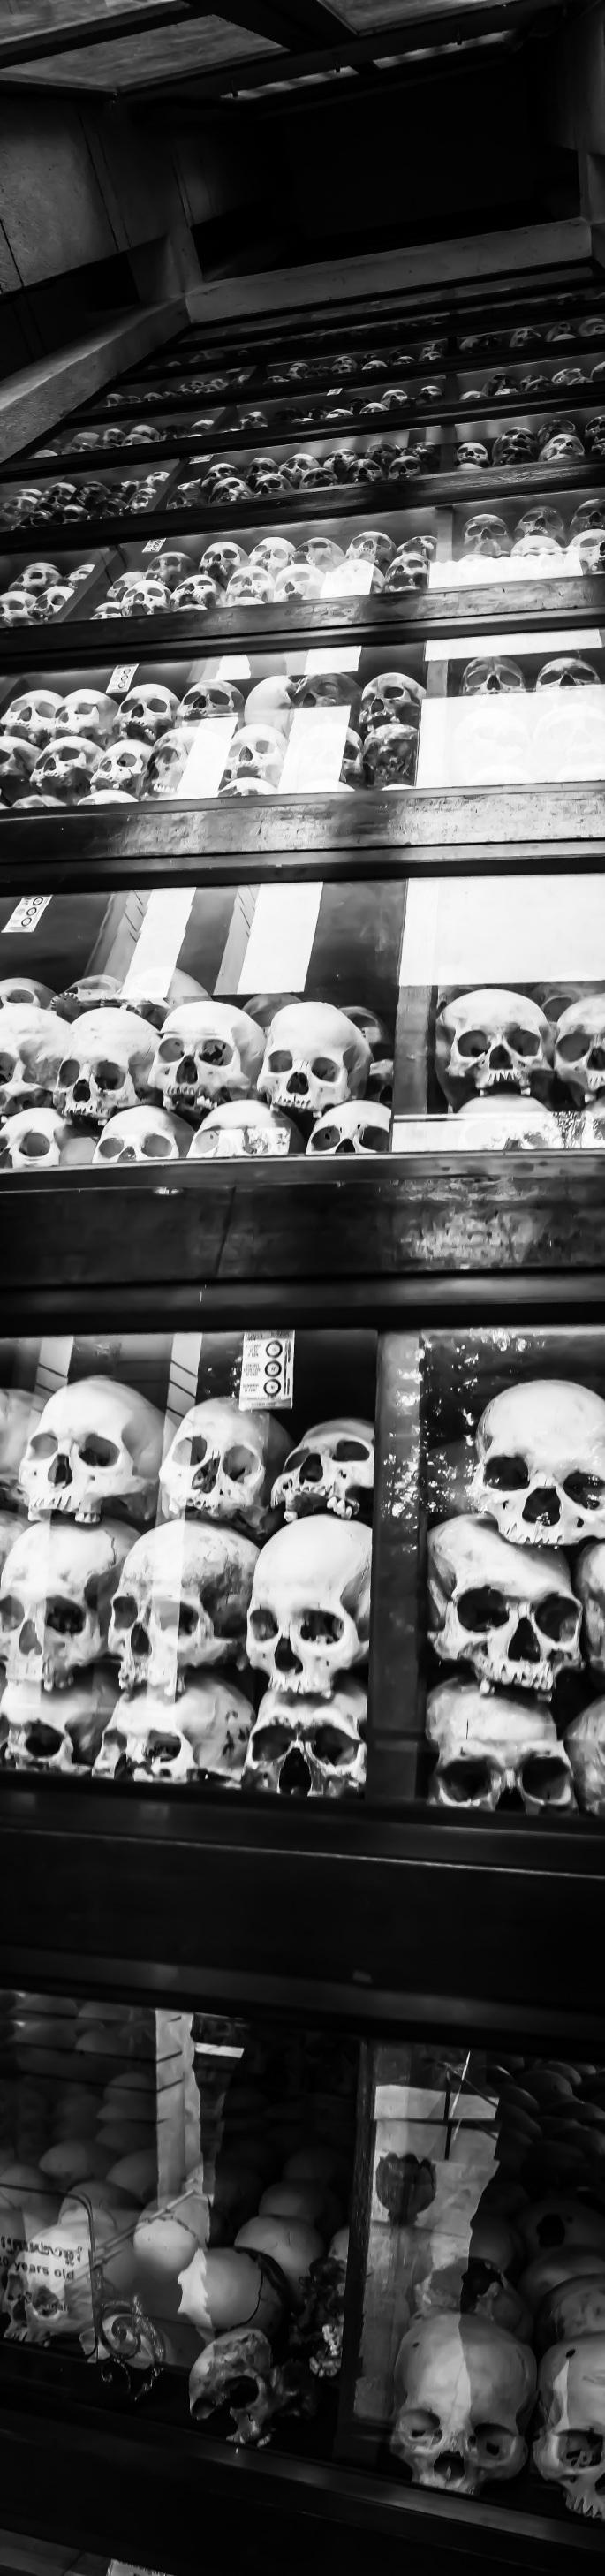 PP_Killing_Fields_Skull_2